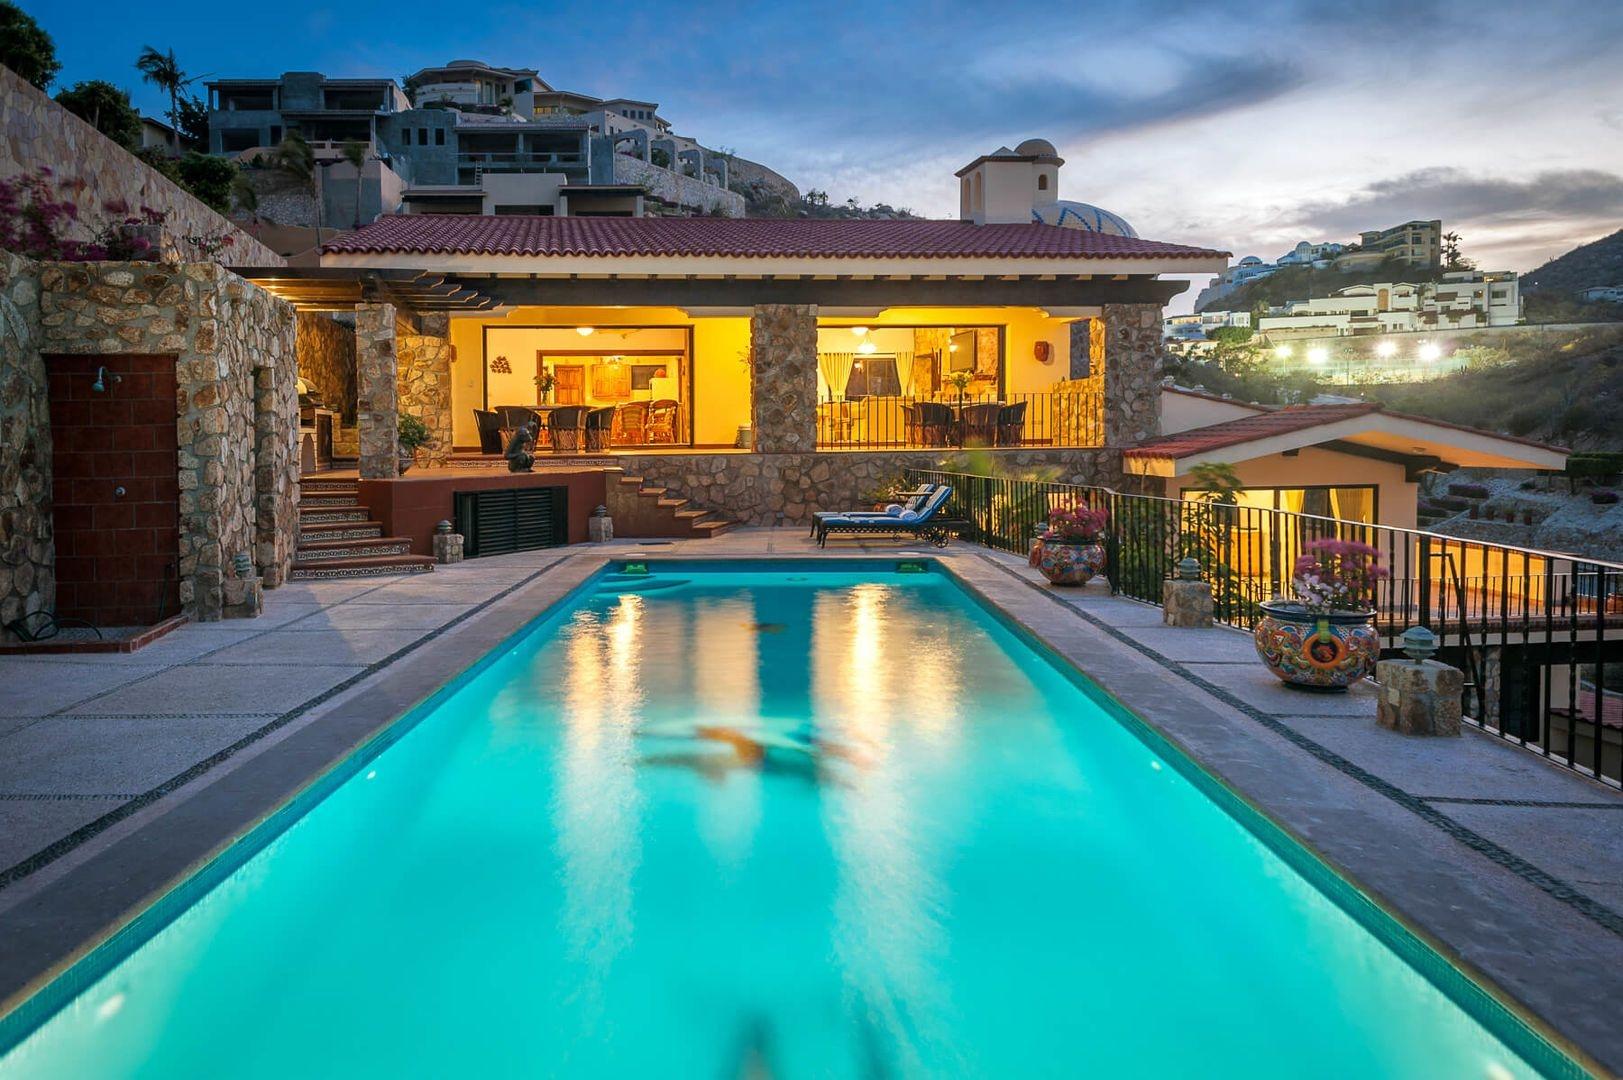 Luxury vacation rentals mexico - Los cabos - Cabo - Pedregal - Villa Golden Dome - Image 1/25